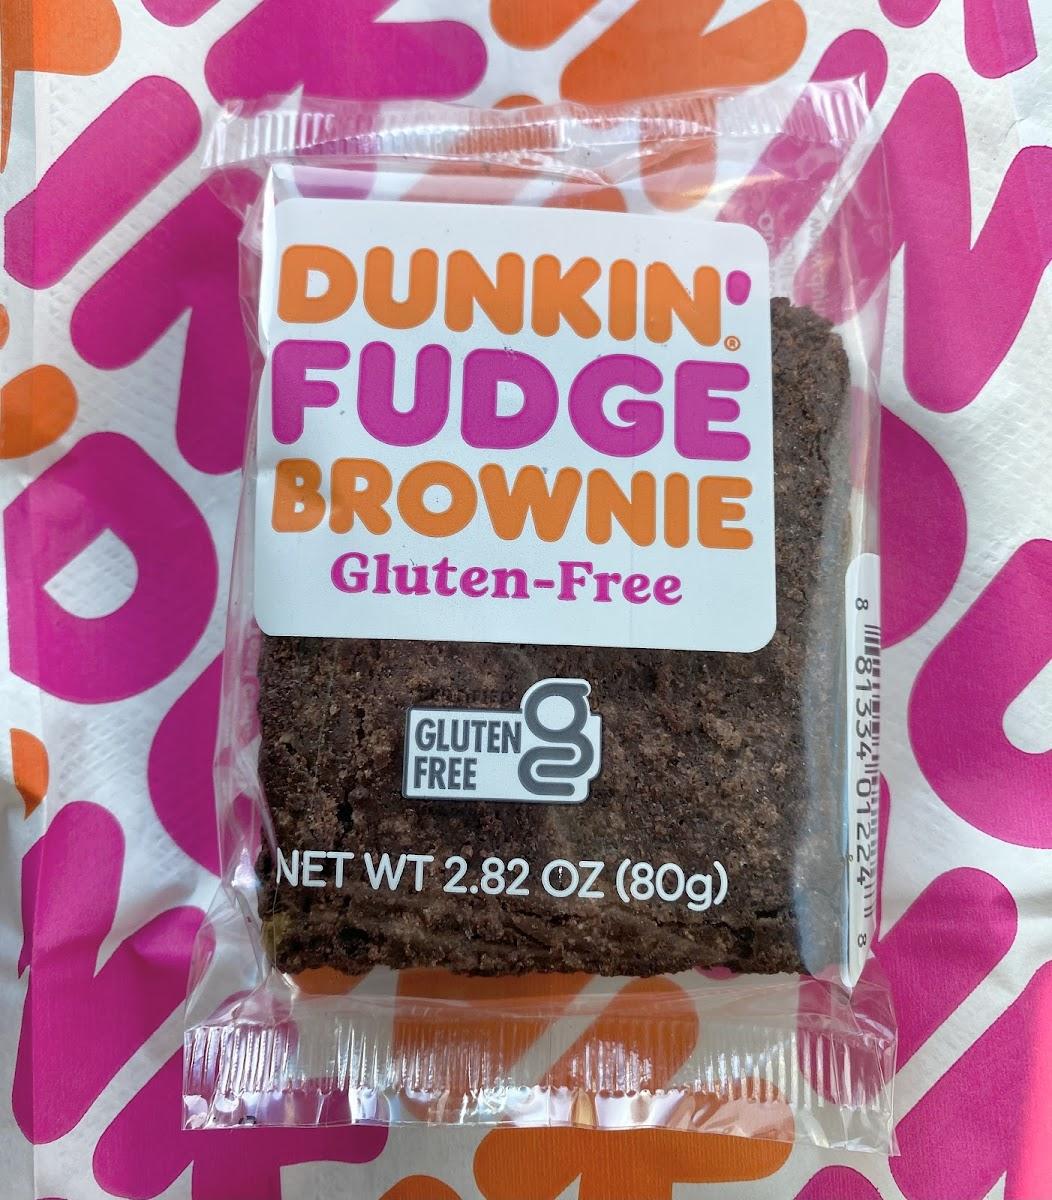 Gluten-Free Fudge Brownie